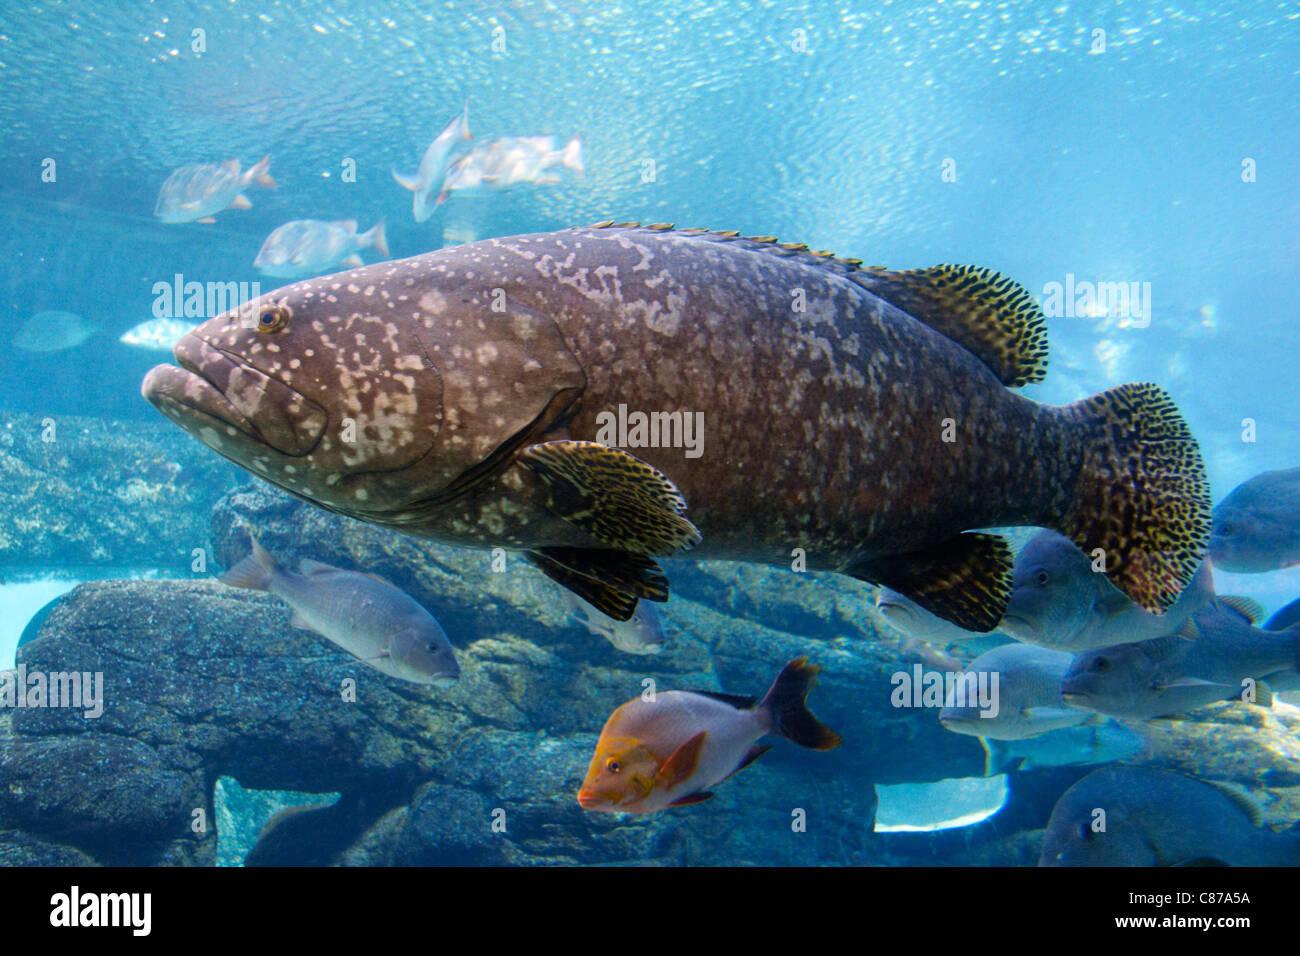 Brindle Bass at uShaka Marine World. Durban, KwaZulu-Natal, South Africa. - Stock Image